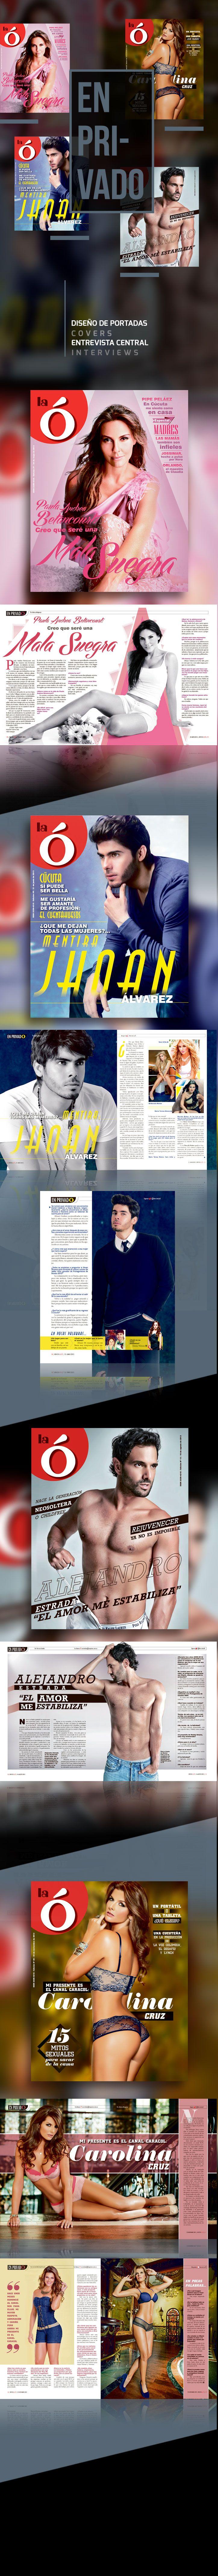 Diseño editorial // Revista: La Ó // Sección: Portada y En privado Instagram: @carmarcusdesign  https://www.behance.net/gallery/21597173/EN-PRIVADO